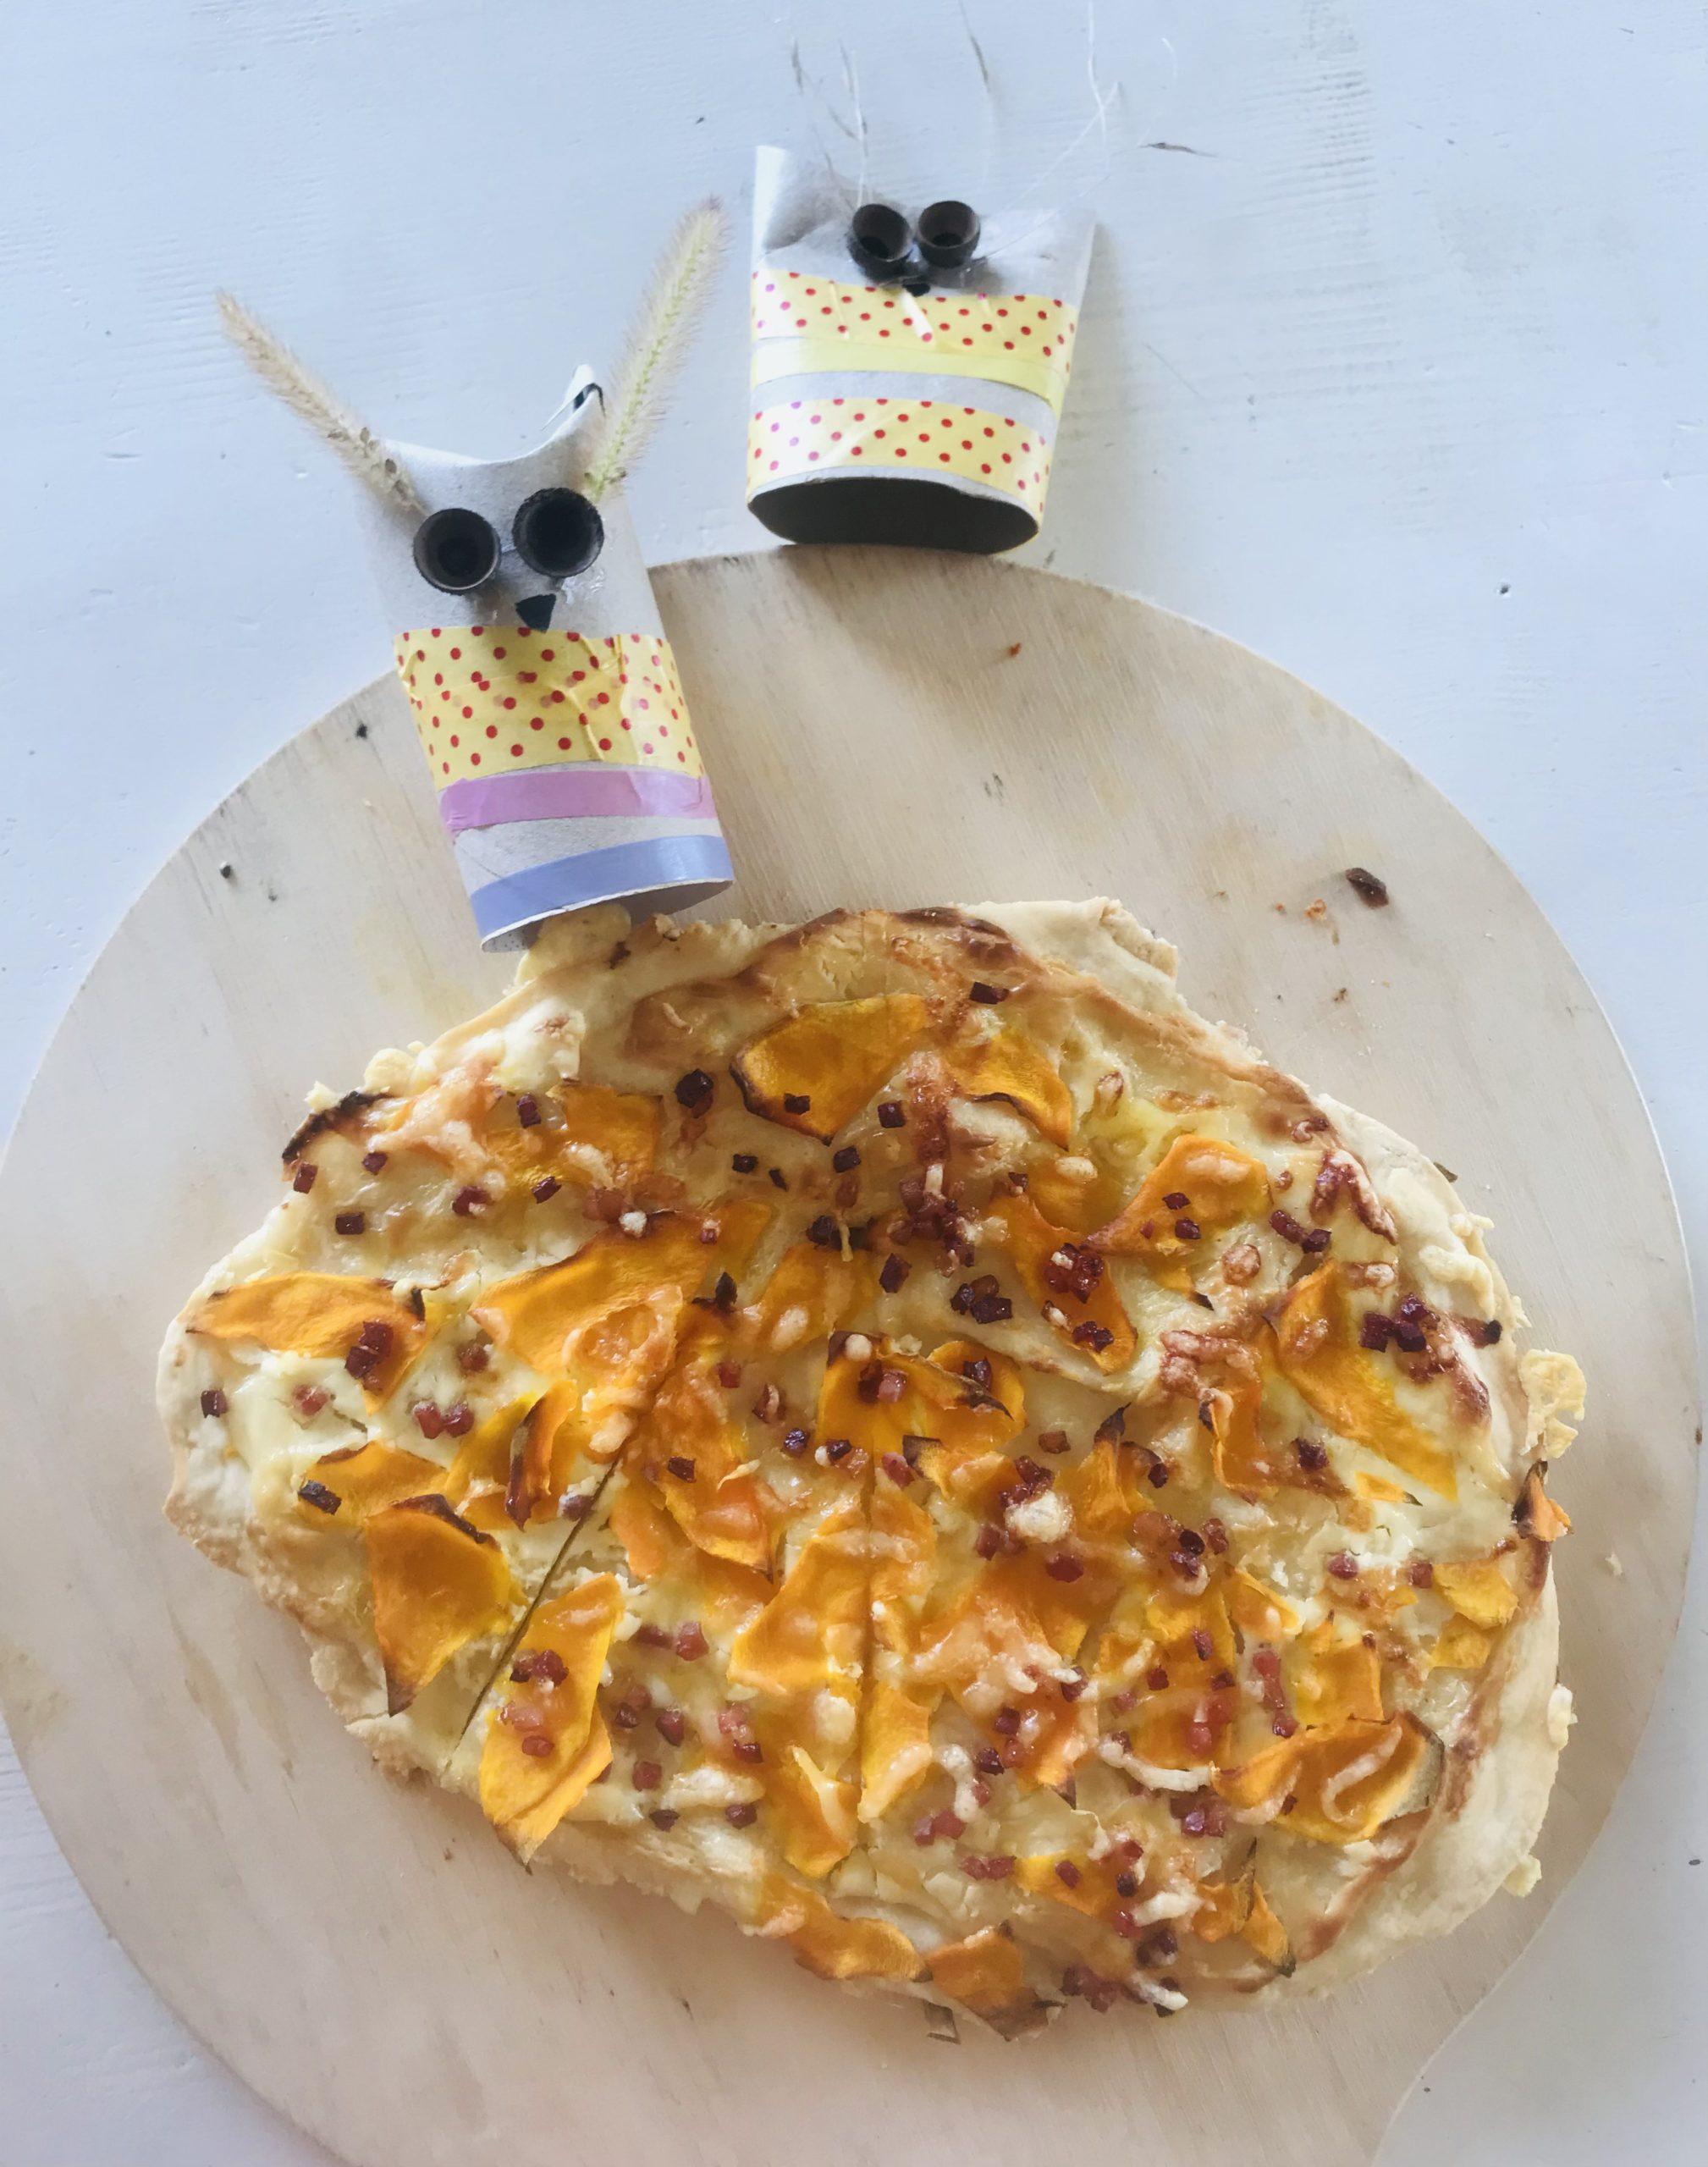 Kürbispizza mit 2 Eulen aus Klopapier